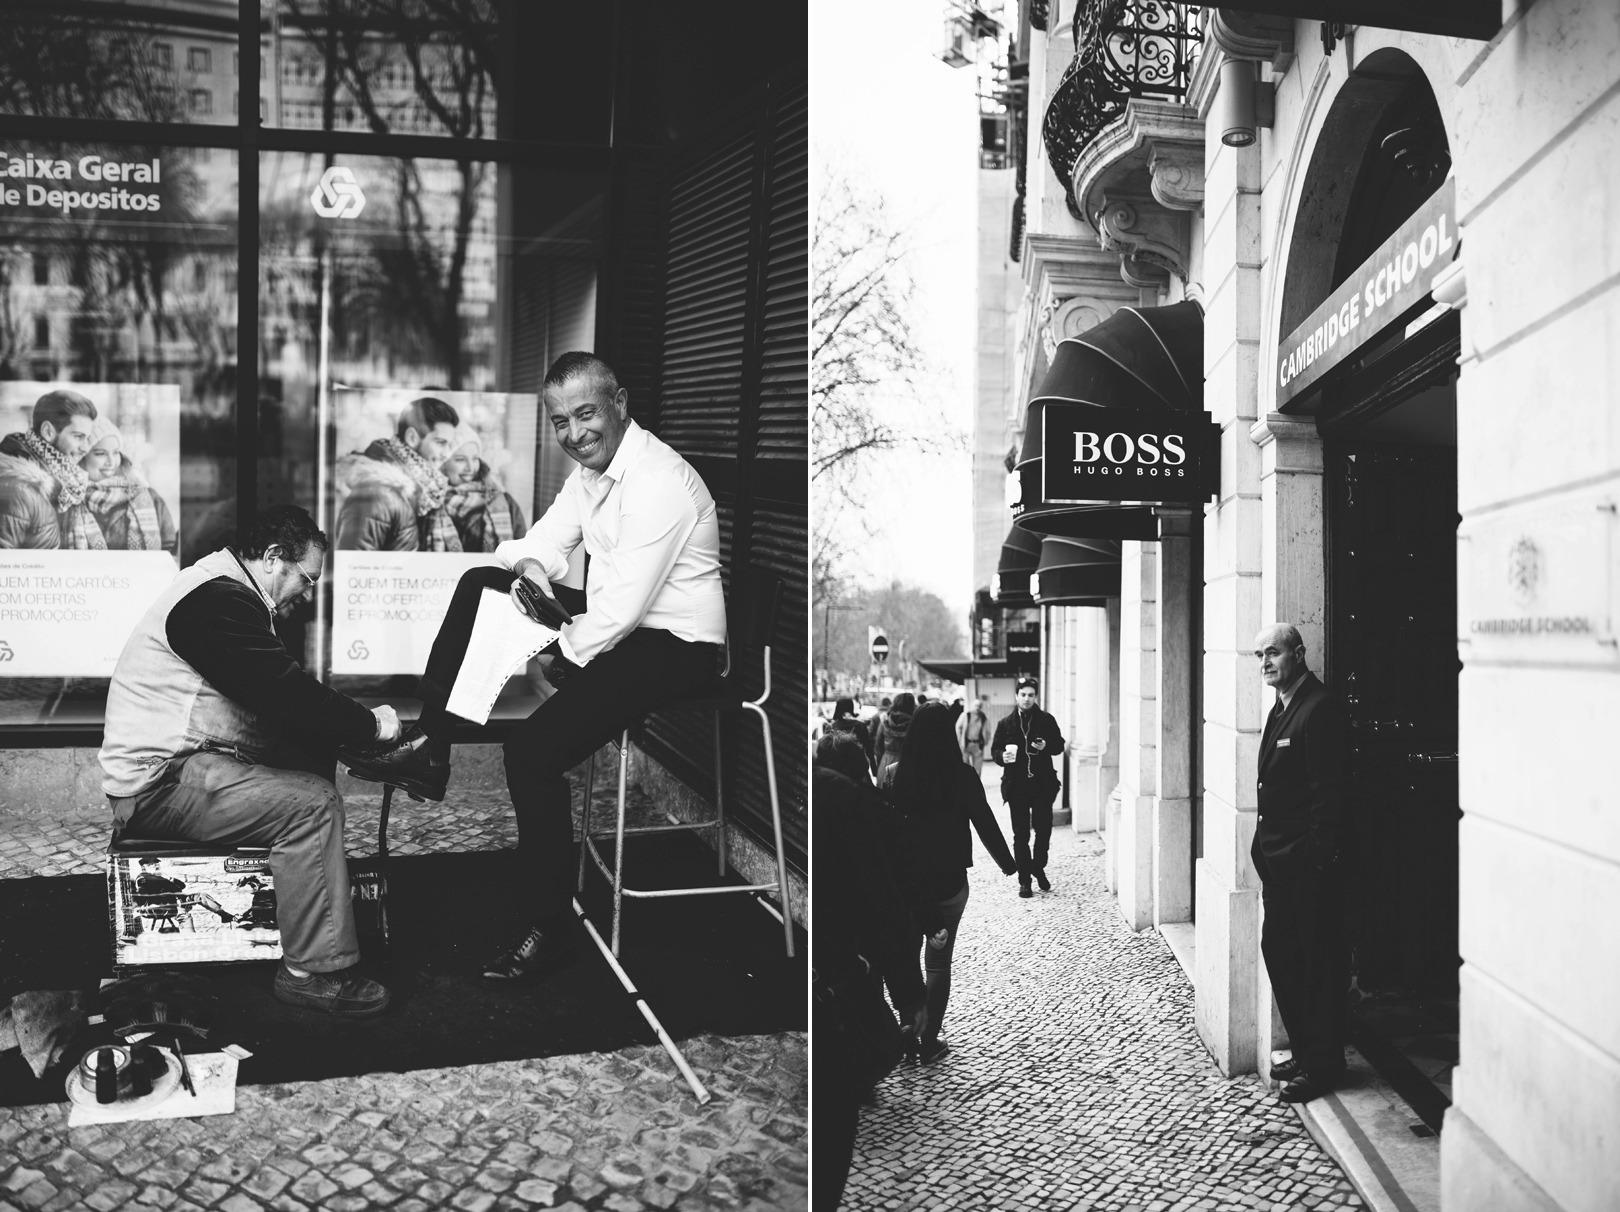 Lisbon people